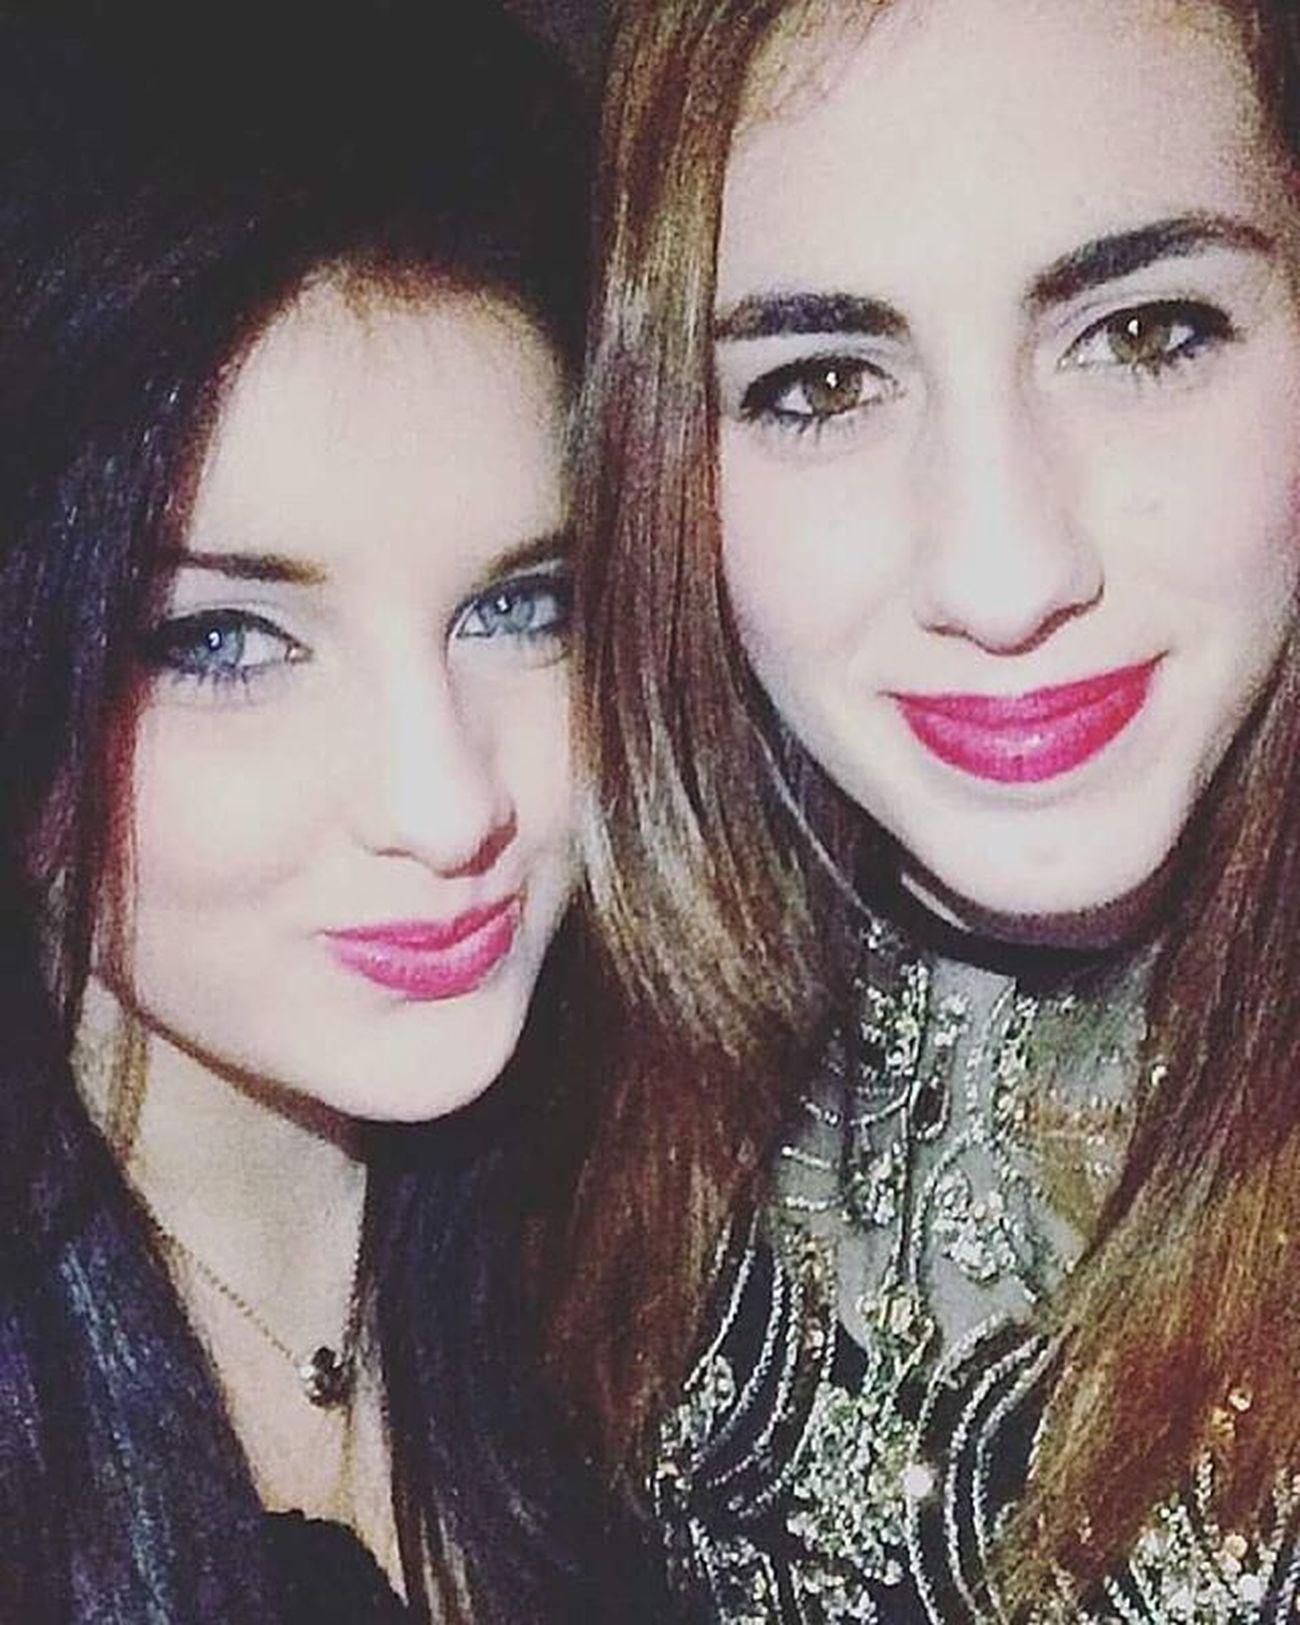 Nye babyy ;) Bestie  NYE 2015  2016 Prettygirls